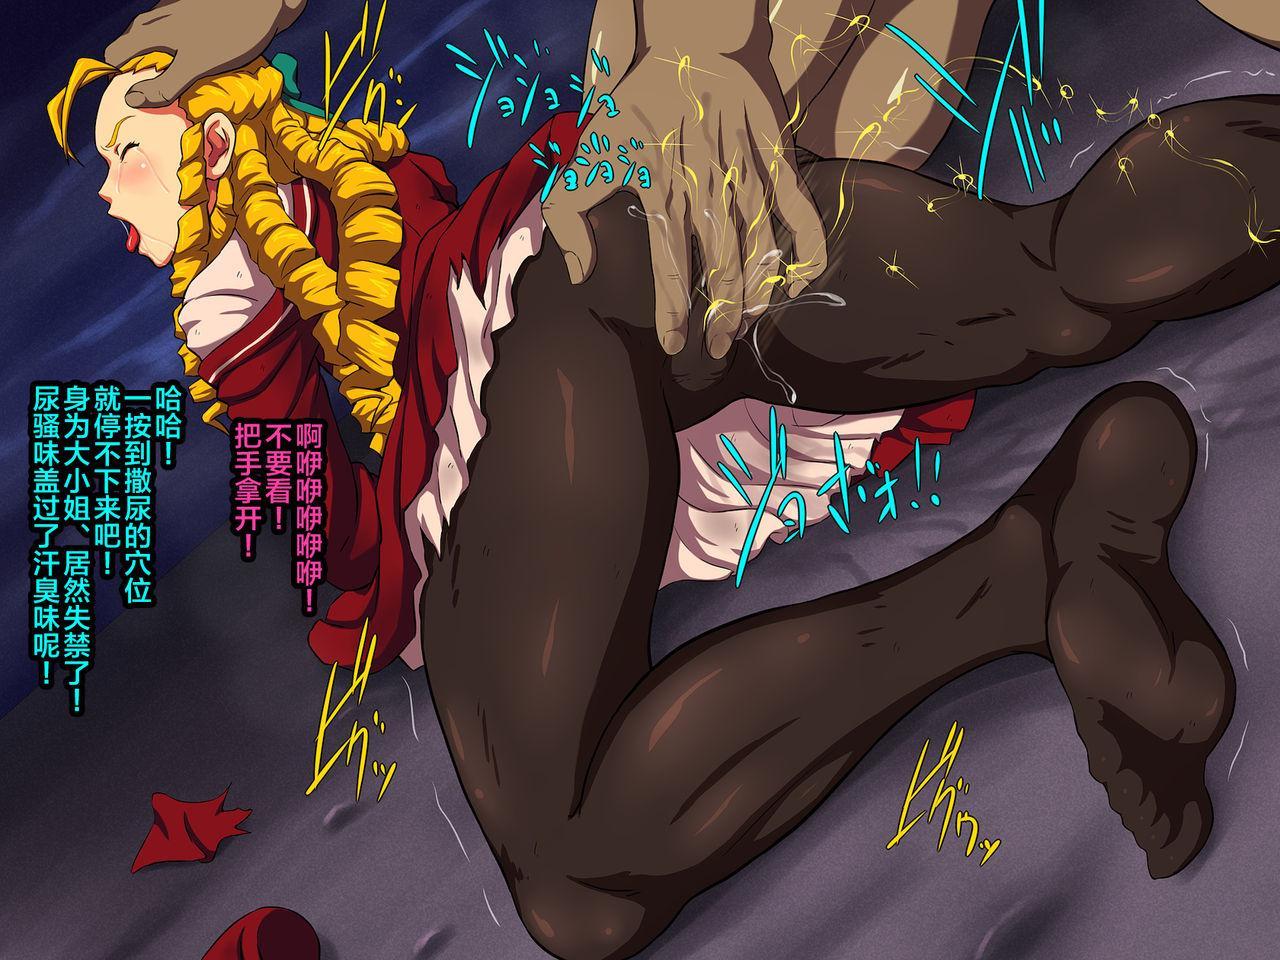 [L-u (Makura no Doushi)] Kegasareta Ojou-sama -Tights ni Shimiru Jiru- (Street Fighter) [Chinese] [新桥月白日语社] 39